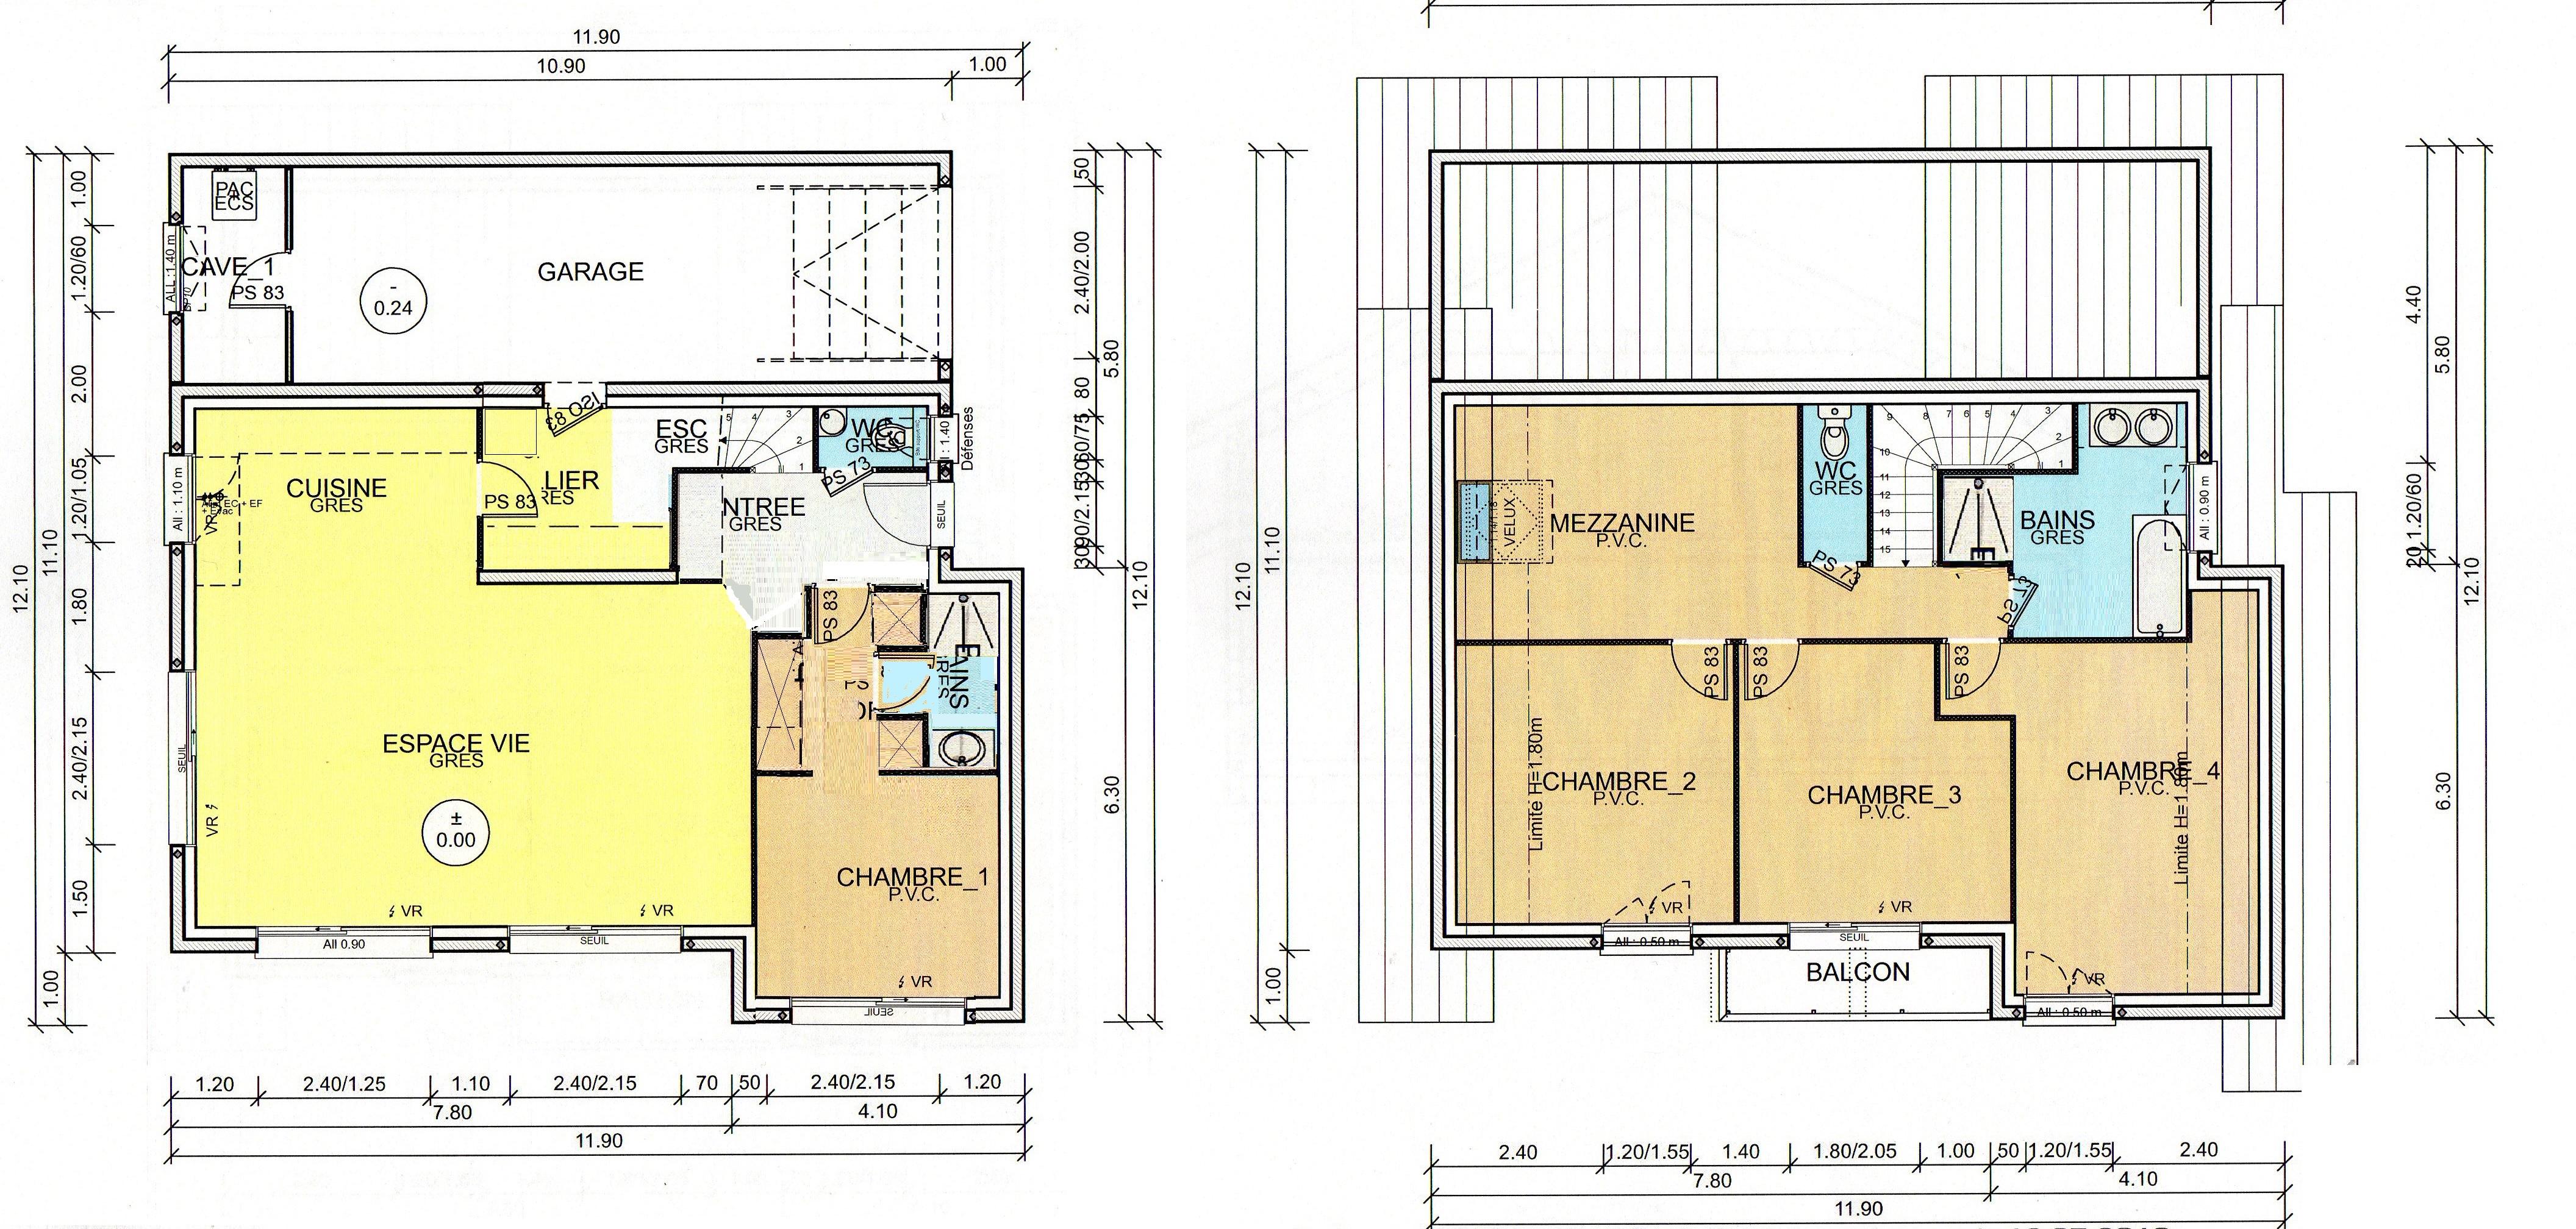 votre avis sur notre maison rez tage de 150m2 31 messages. Black Bedroom Furniture Sets. Home Design Ideas